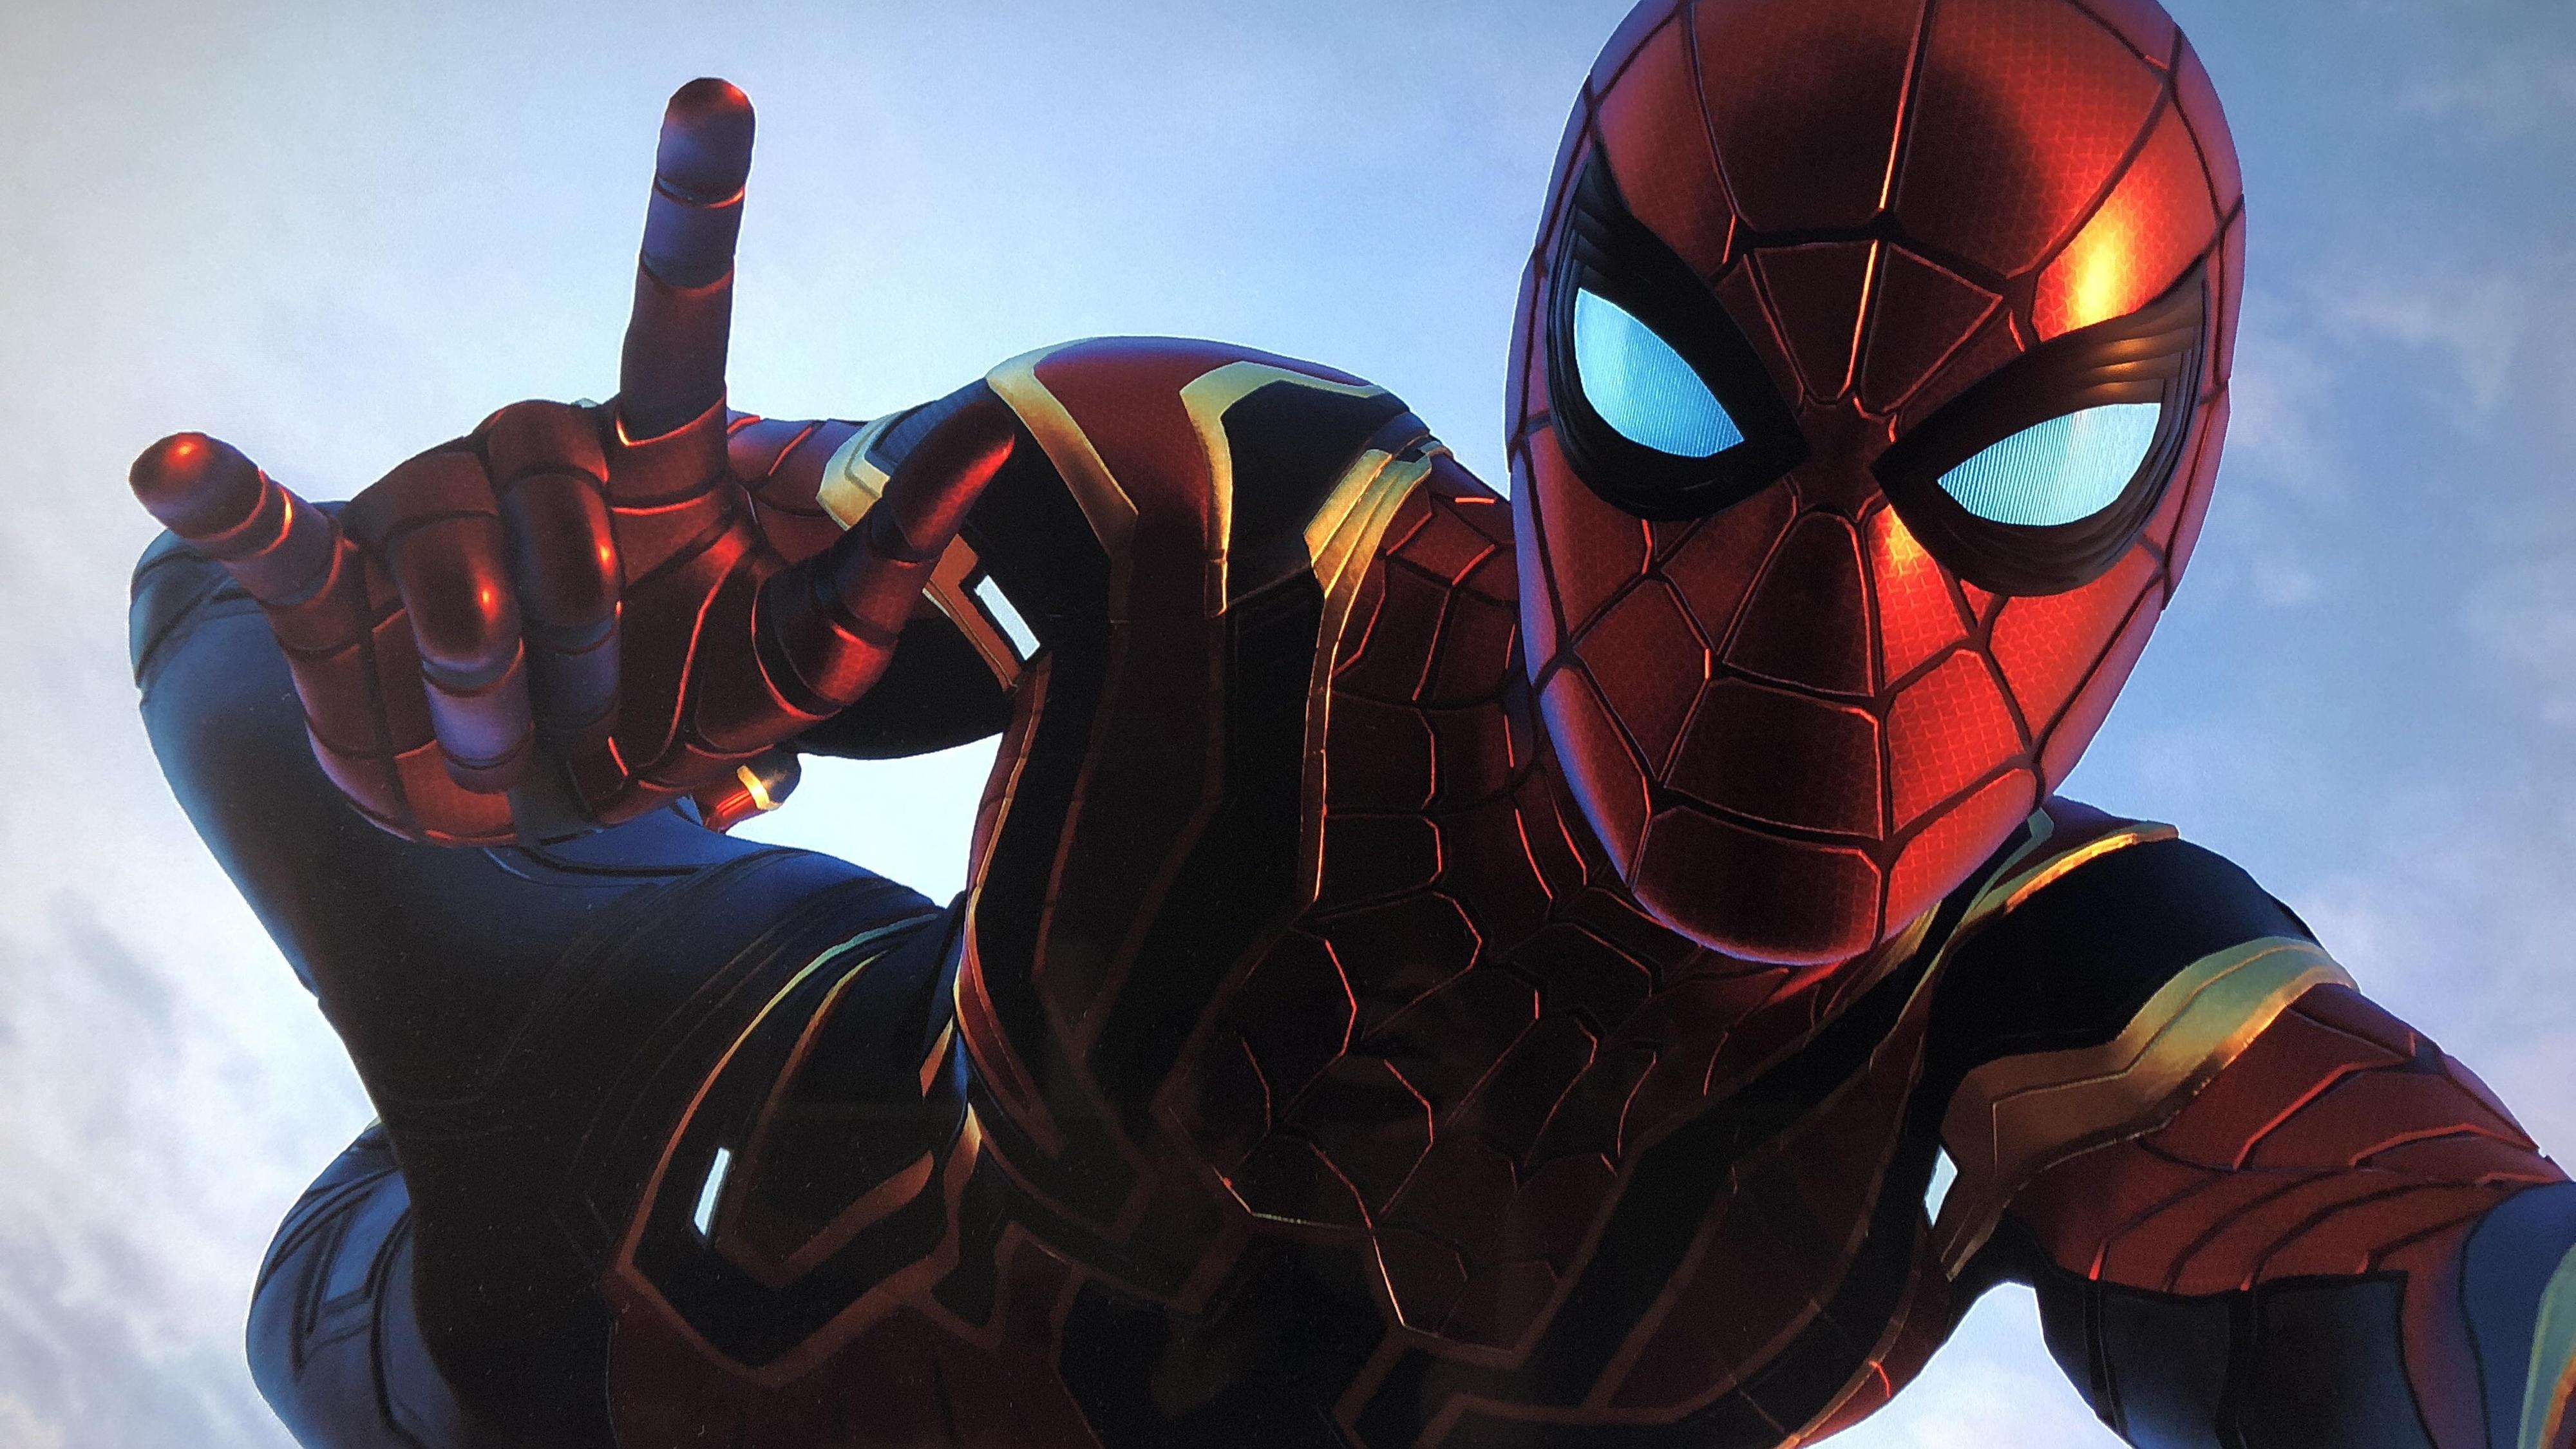 Spider Man Ps4 4k Ultra Hd Wallpaper Hintergrund